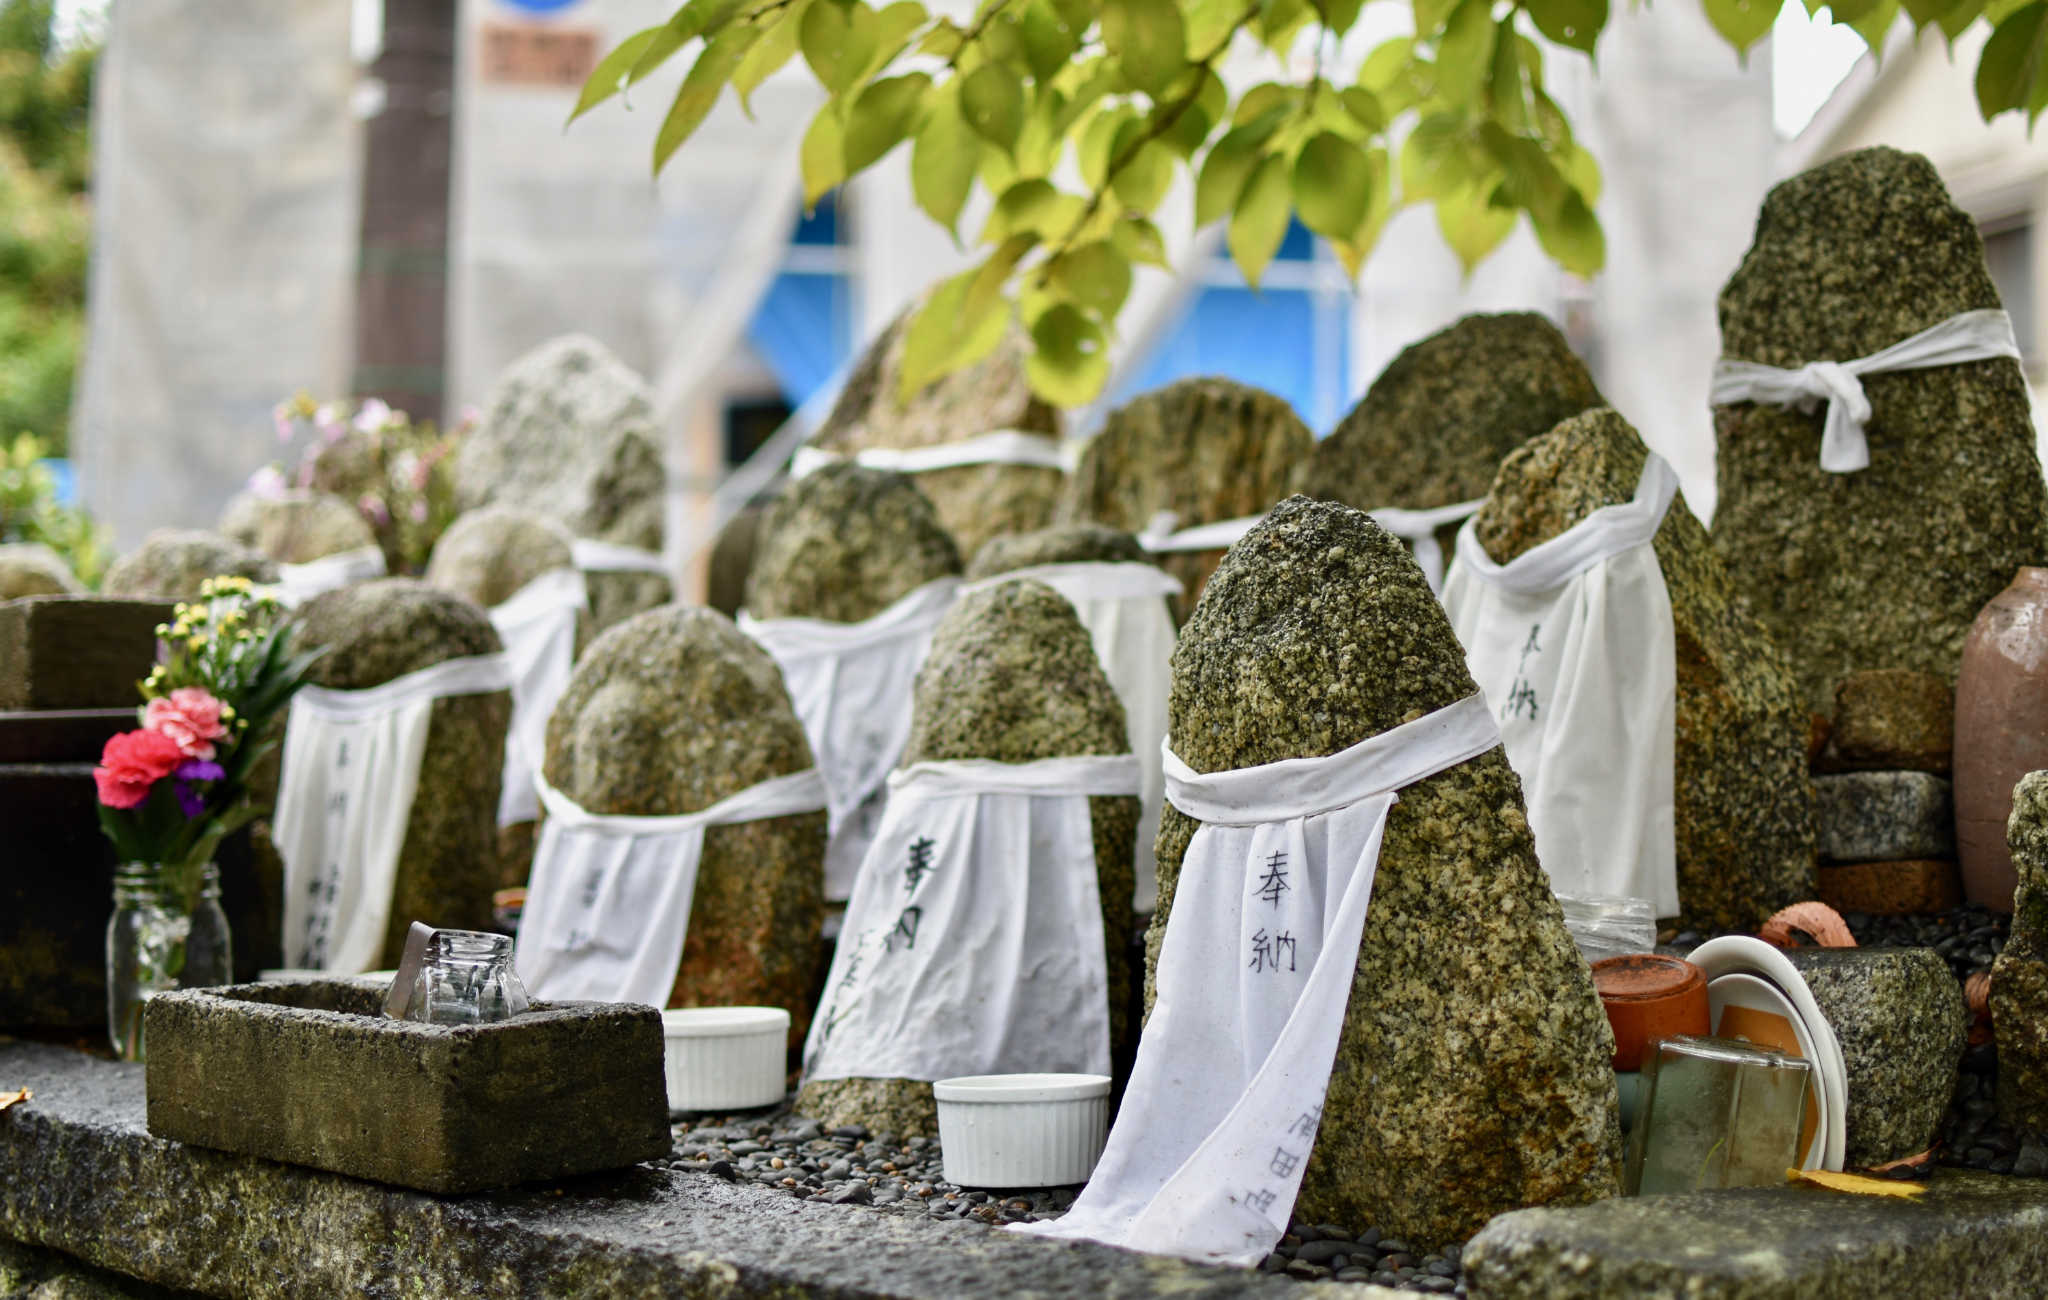 Au détour du chemin, un autel avec de petites statues de pierre